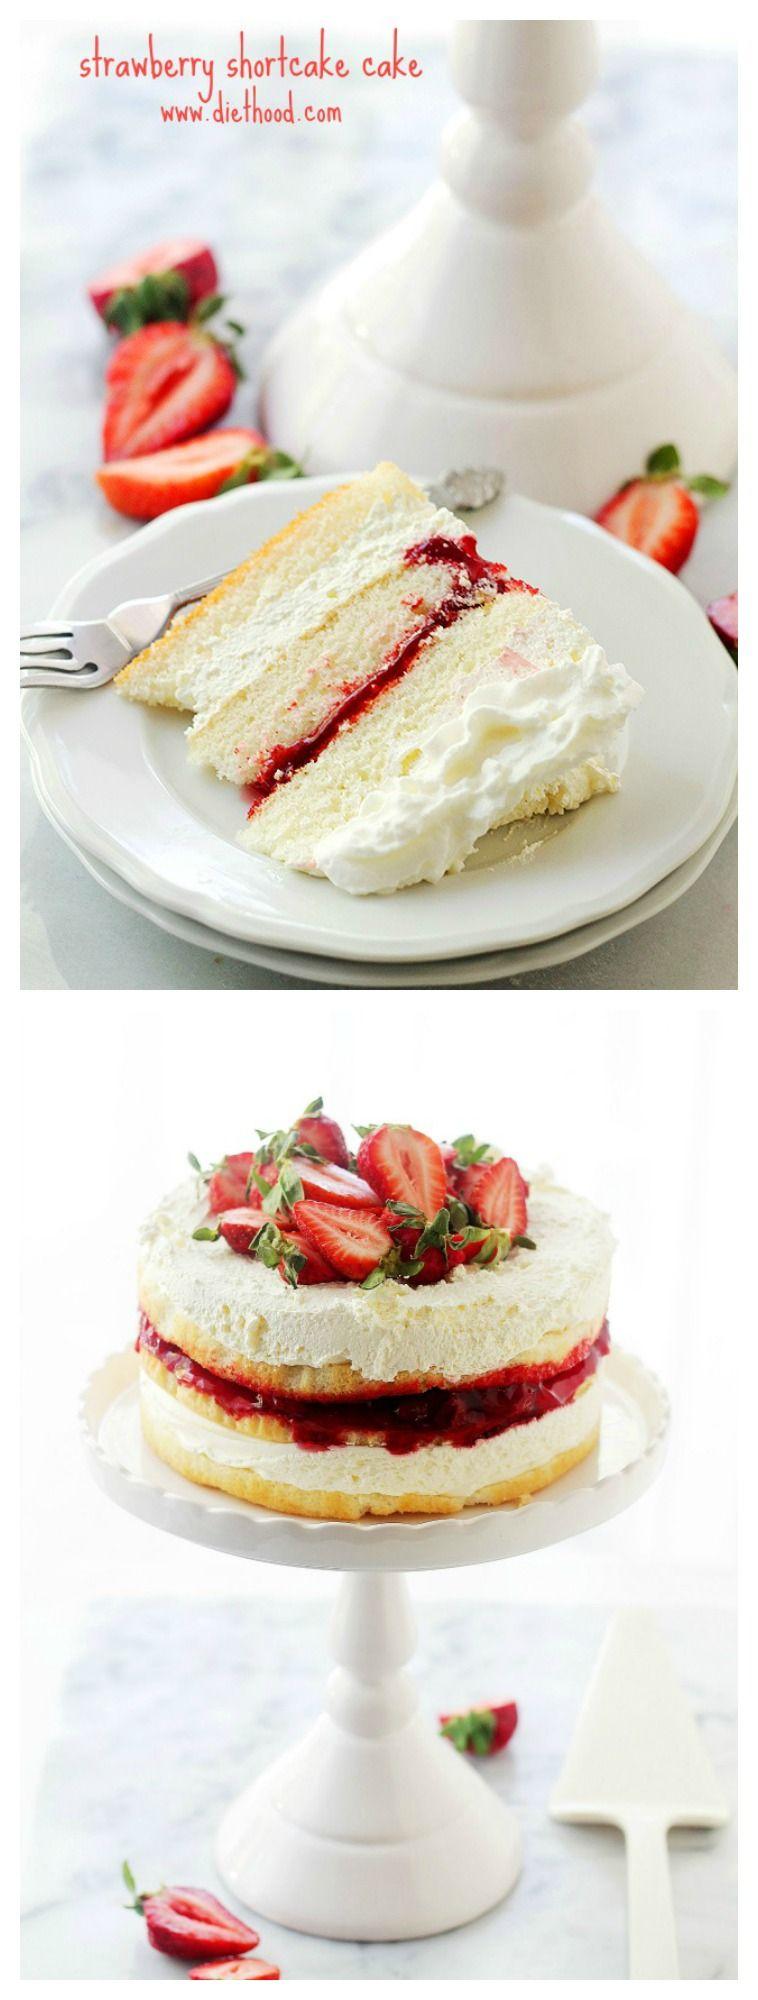 스트로베리 쇼트케이크 케이크